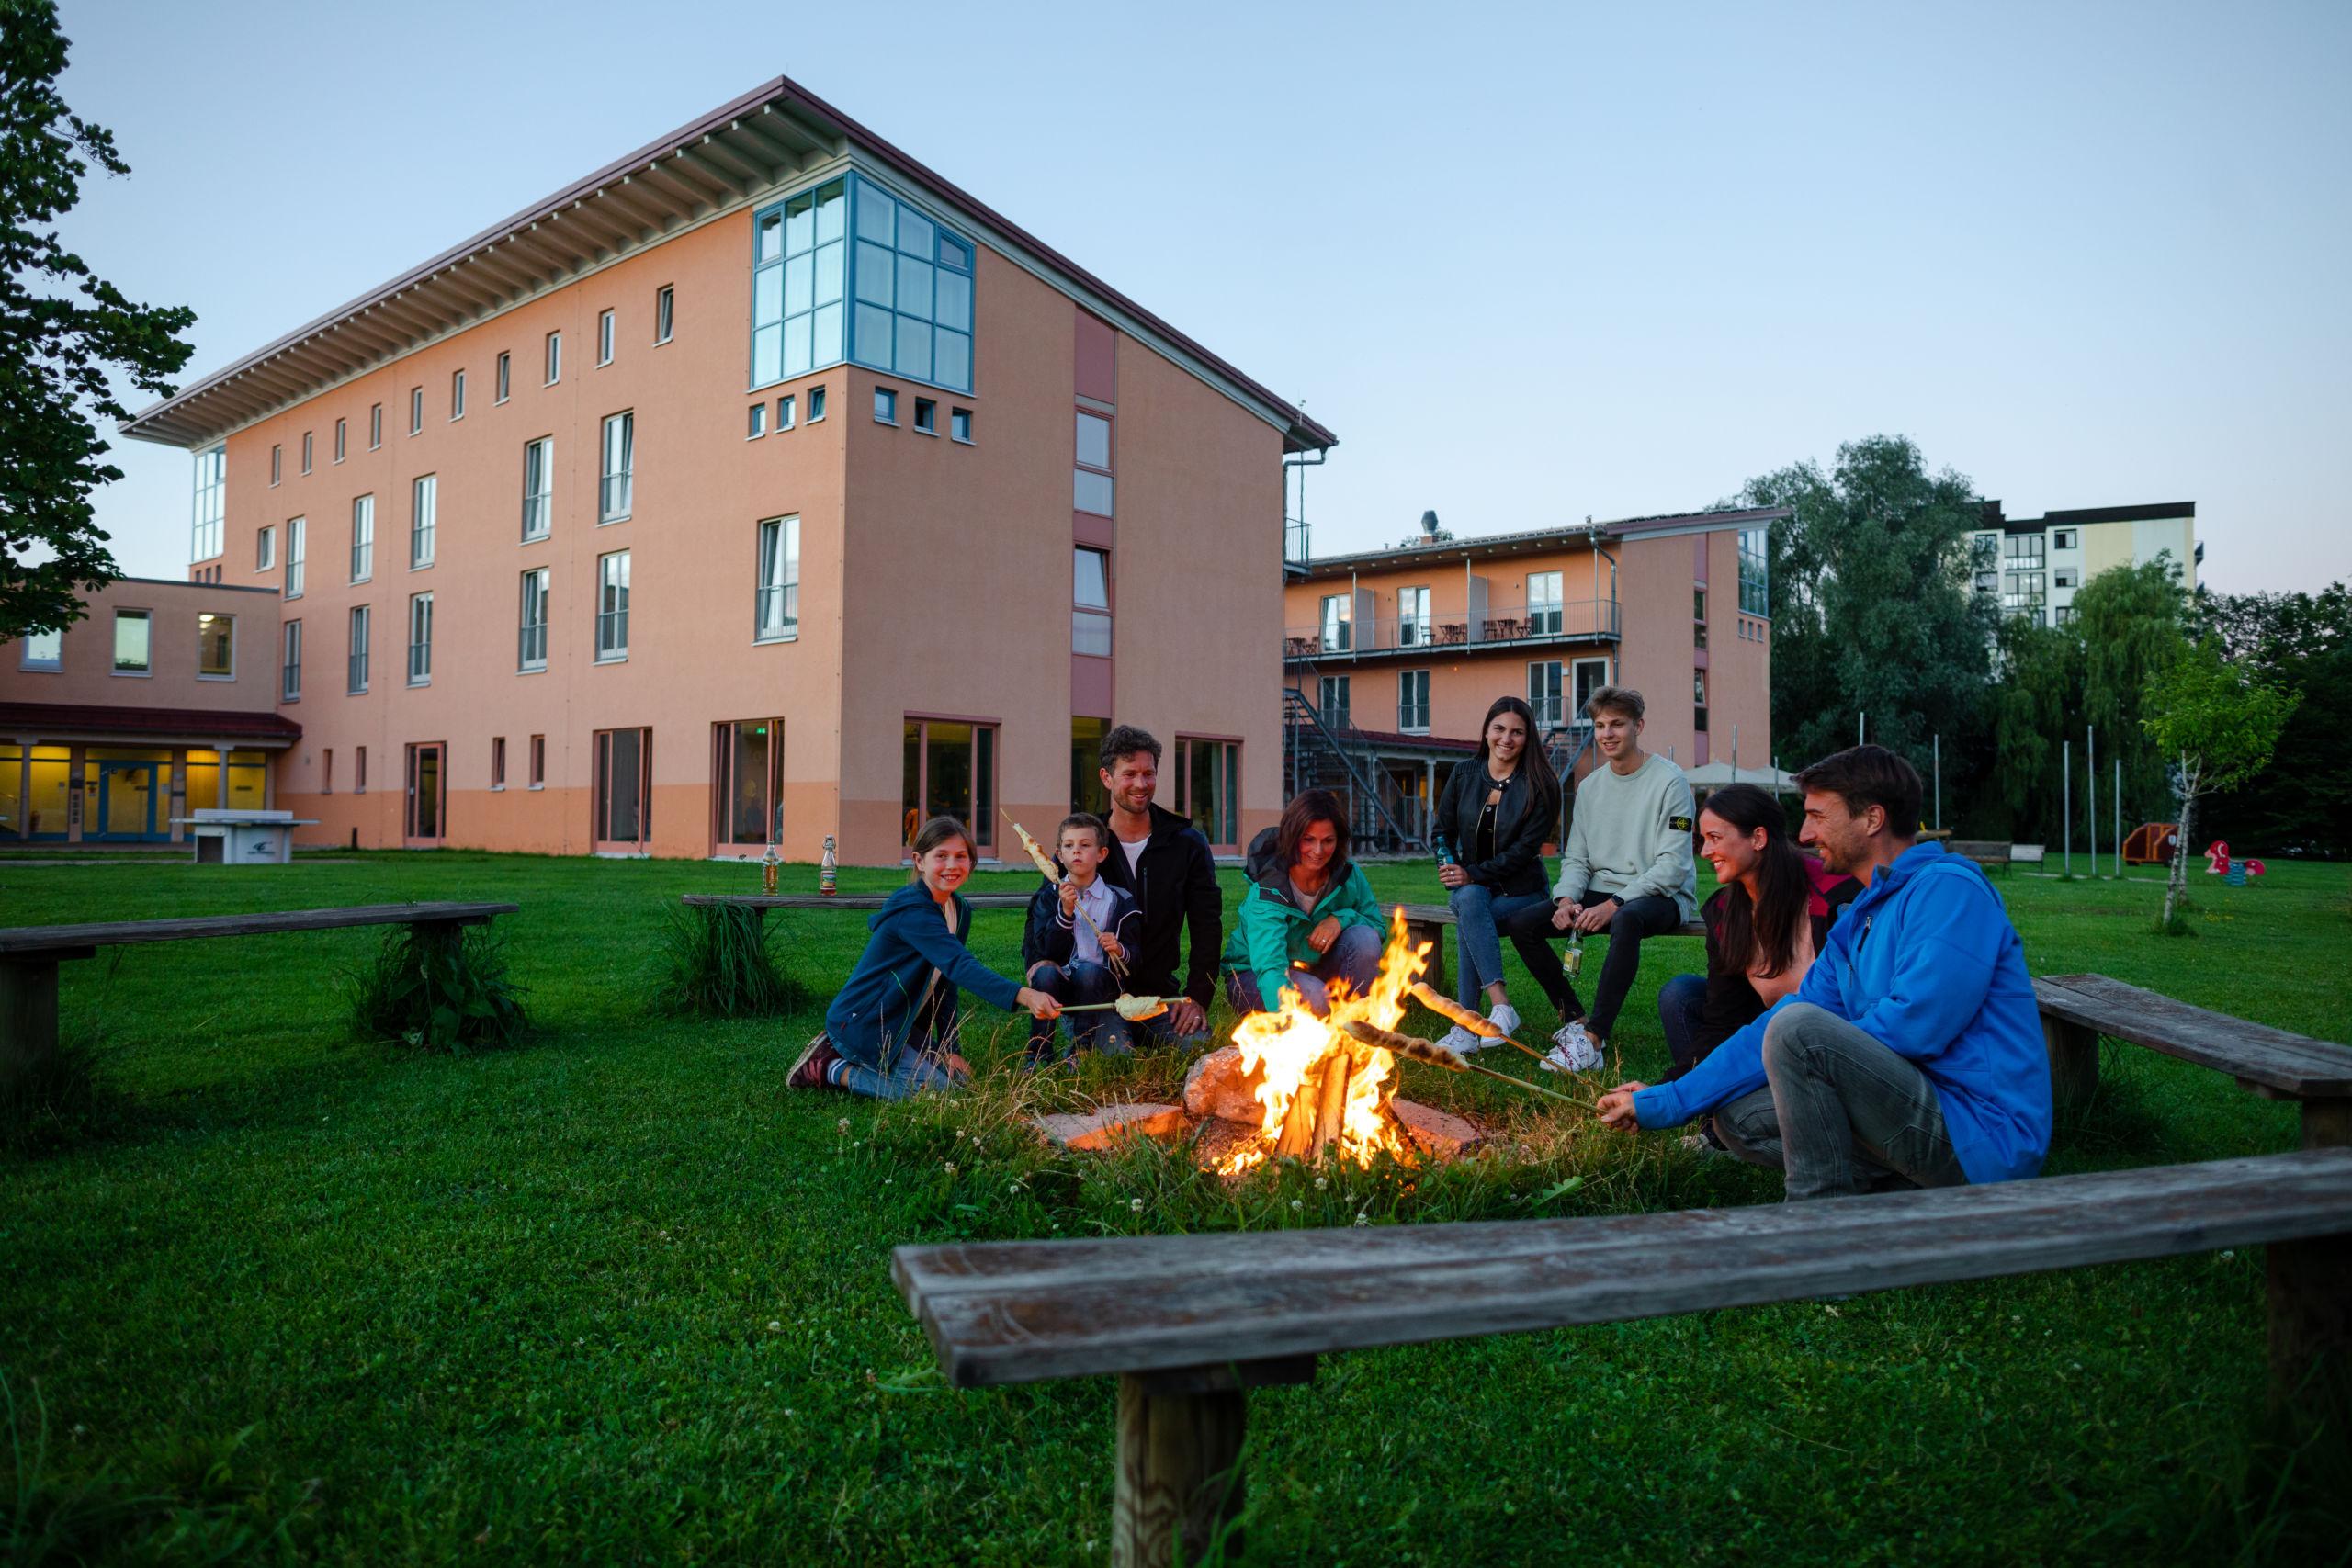 Sie sehen die Hausansicht mit Lagerfeuerstelle im Vordergrund im JUFA Kempten. Der Ort für kinderfreundlichen und erlebnisreichen Urlaub für die ganze Familie.